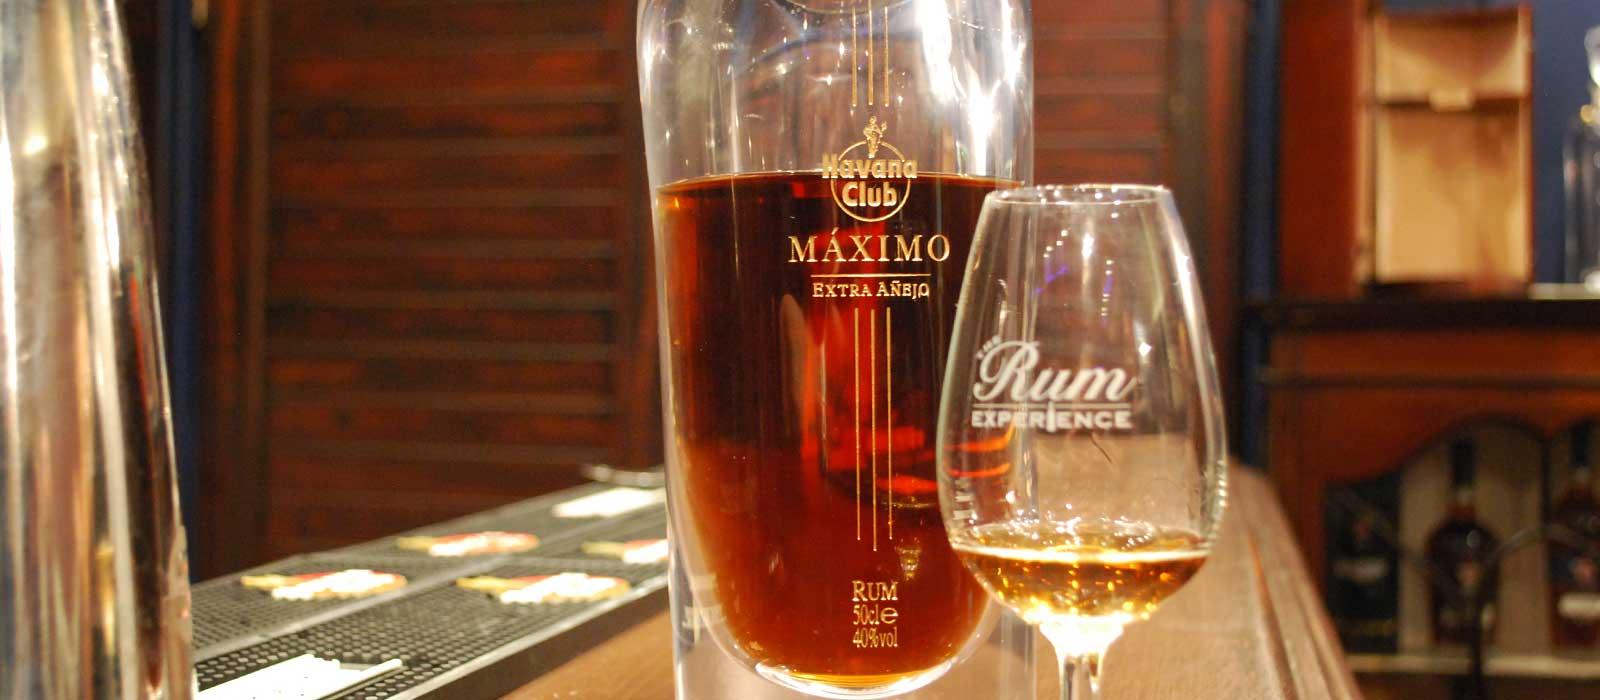 Sjätte plats 2015: Havana Club Maximo